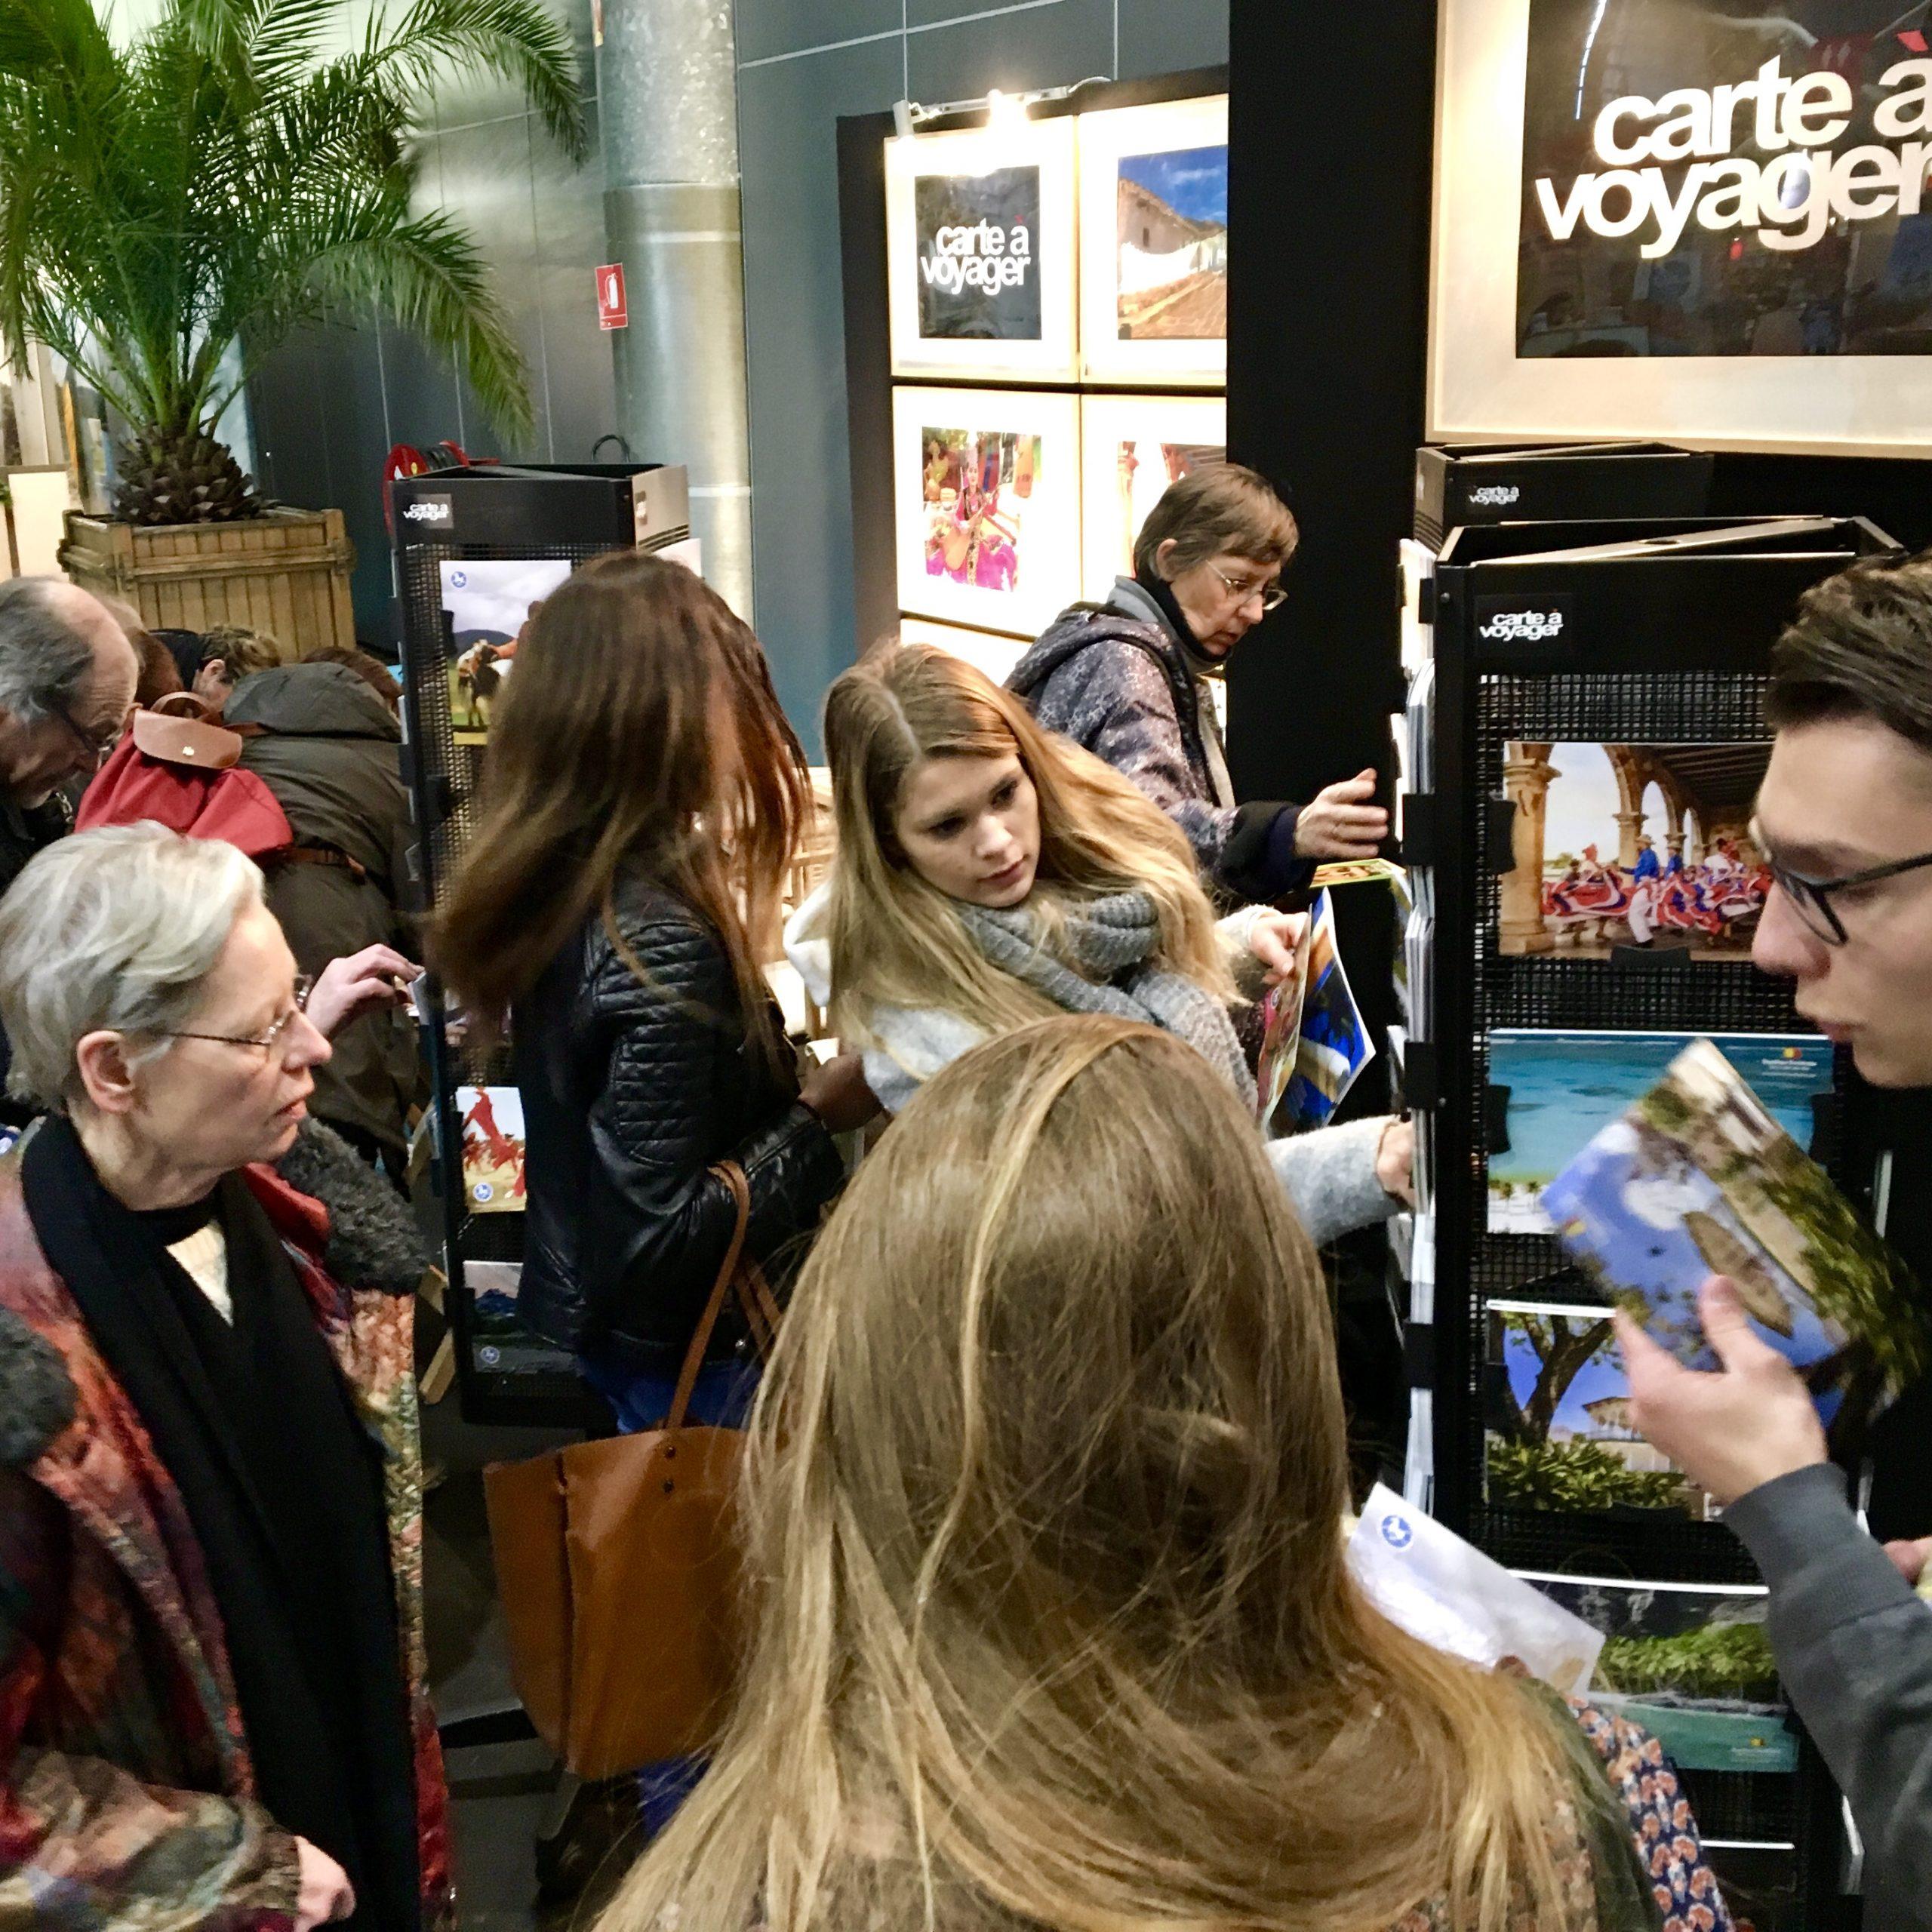 c-13-Carte-a-Voyager-cartes-postales-gratuites-offertes-visiteurs-salons-tourisme-mahana-tourissima-lille-lyon-paris-salon-mondial-du-tourisme-servez-vous